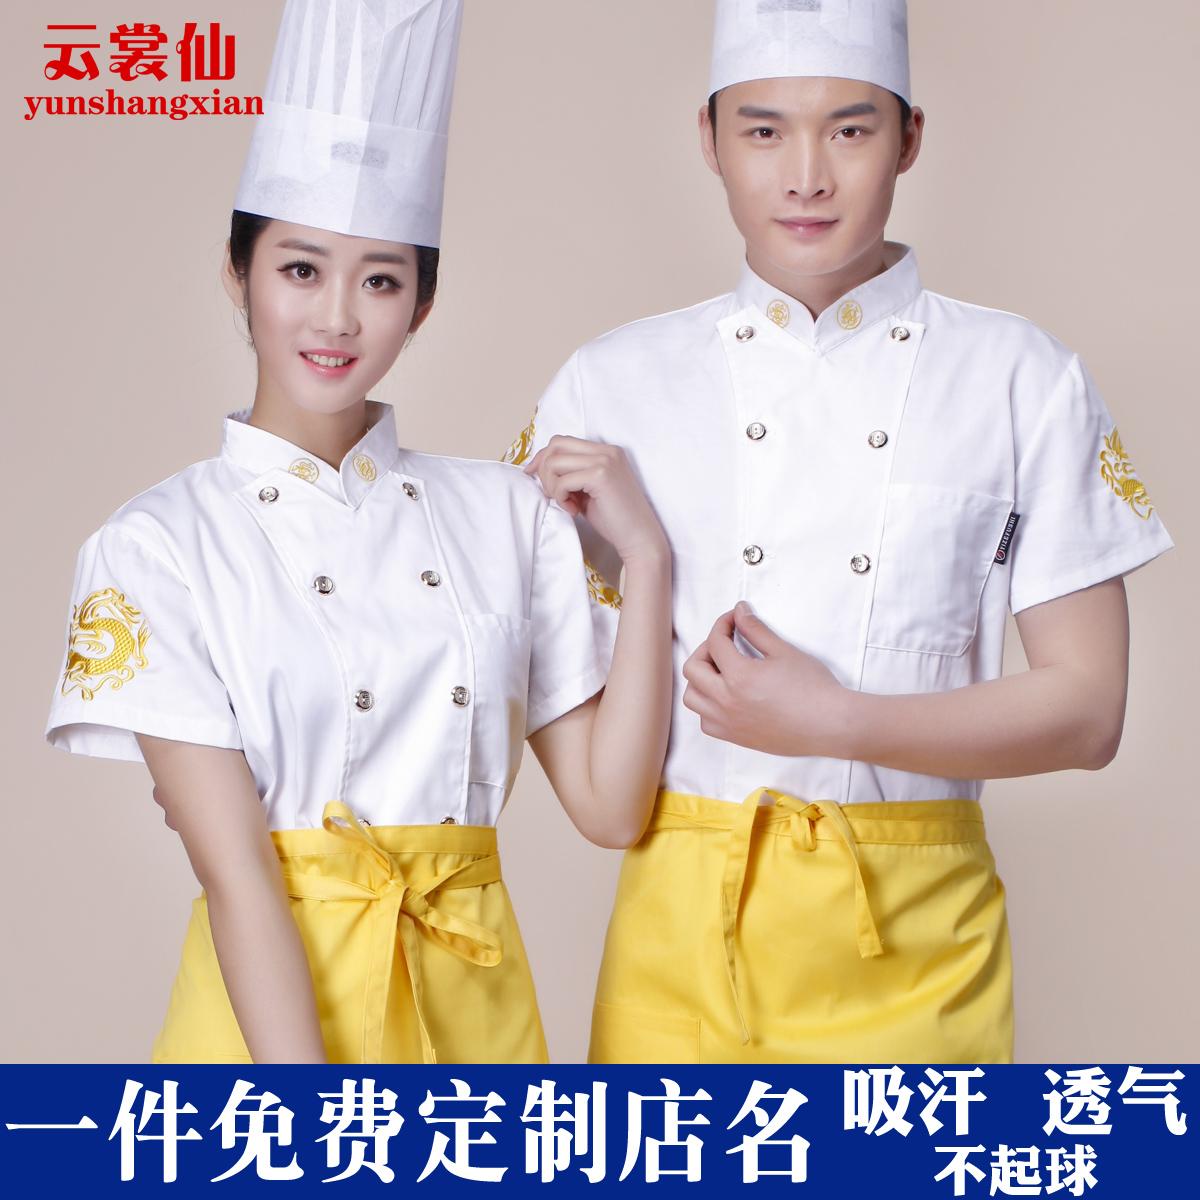 厨师服短袖夏装男女款饭店酒店餐厅长袖工作服加大加肥透气制服